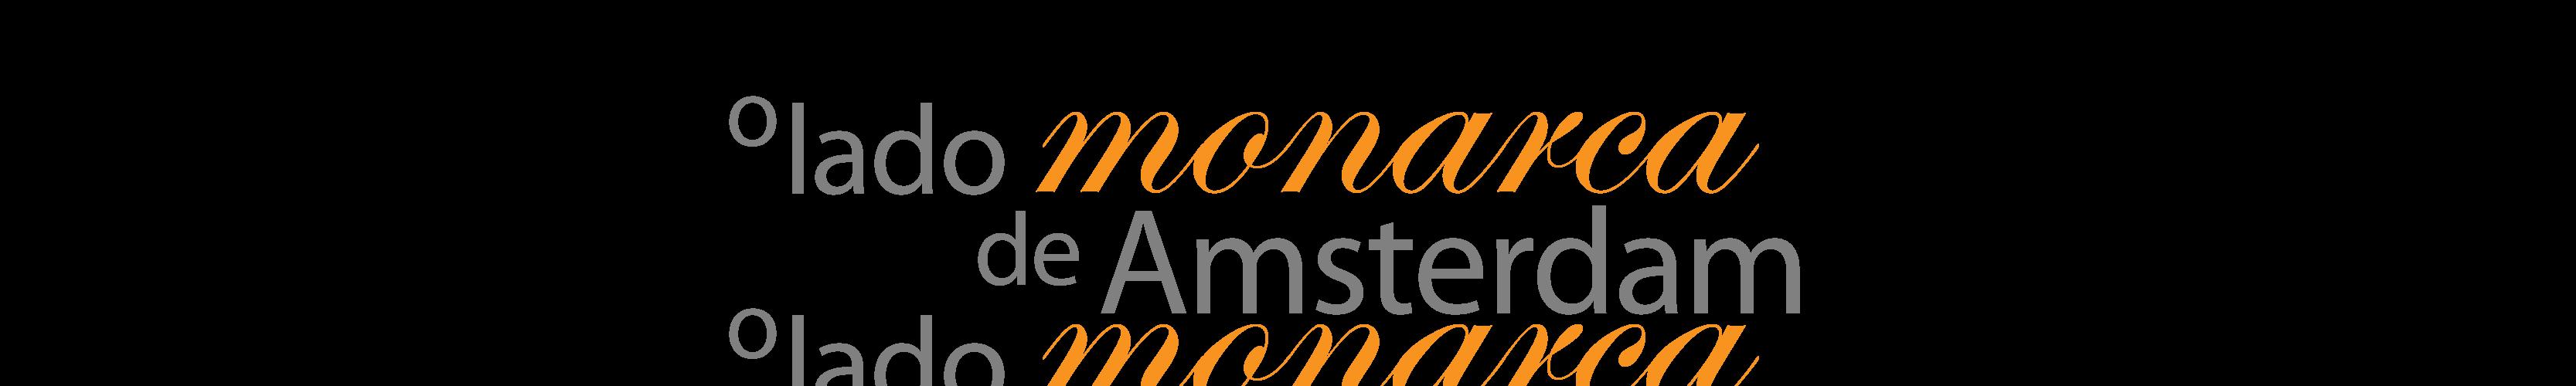 O lado monarca de Amsterdam.